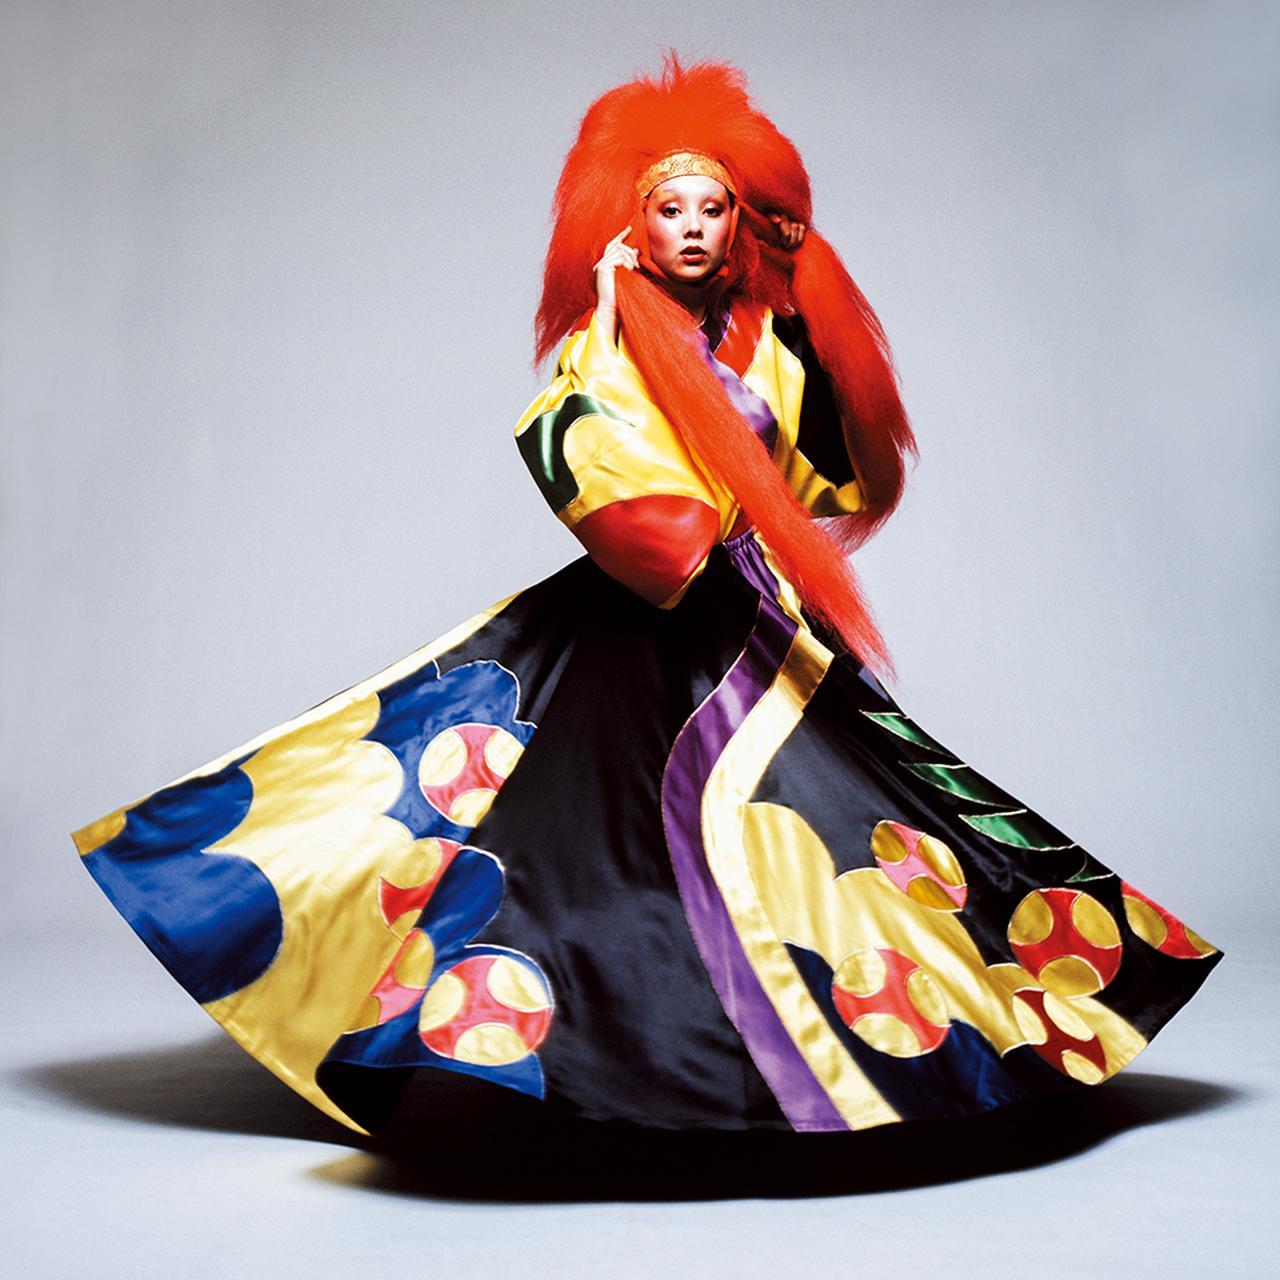 Images : 3番目の画像 - 「ファッション界随一の ファンタジスト、 山本寛斎が再ブームに<前編>」のアルバム - T JAPAN:The New York Times Style Magazine 公式サイト